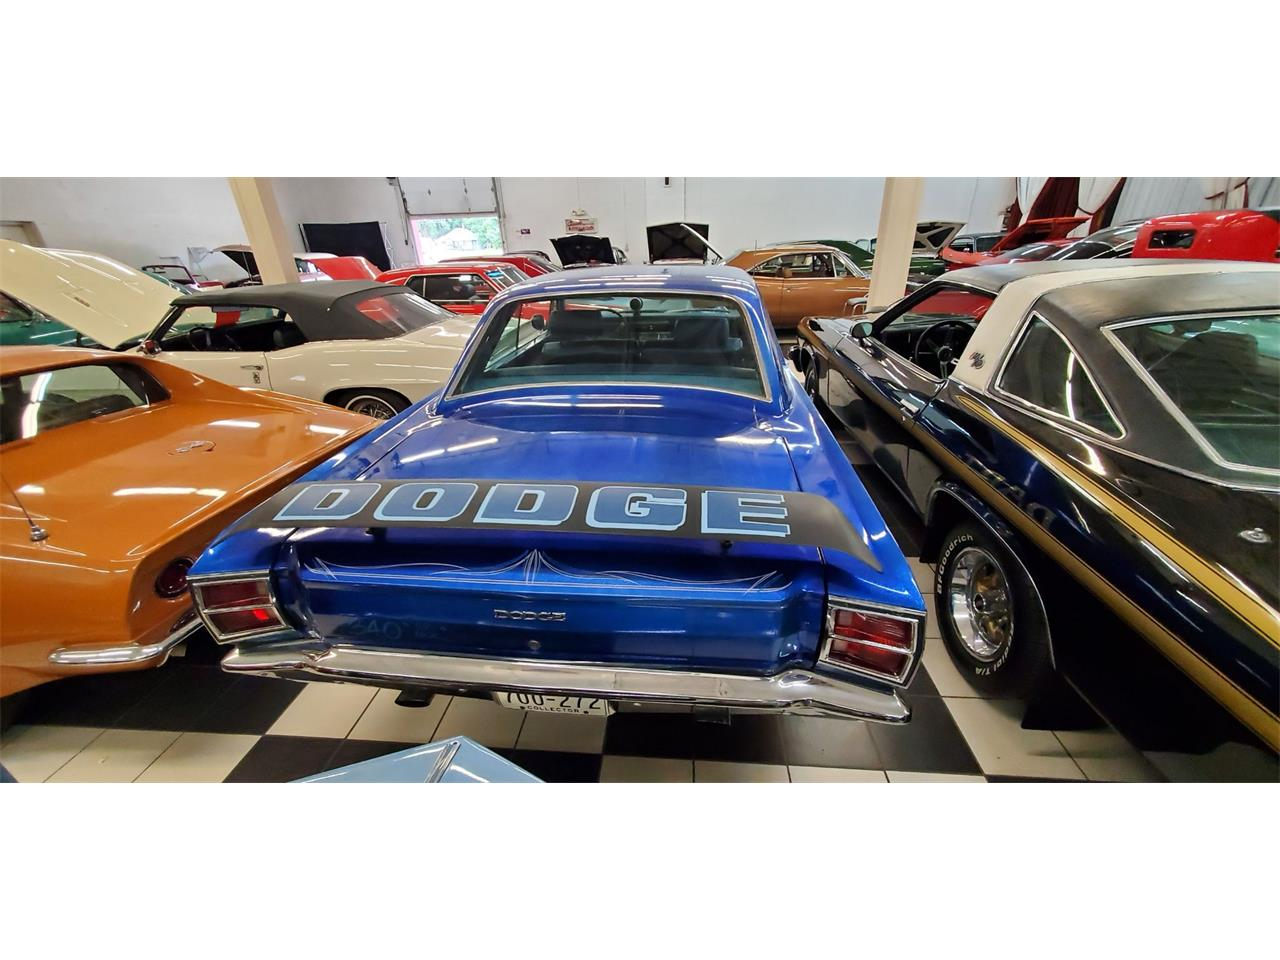 1969 Dodge Dart Swinger (CC-1219174) for sale in Annandale, Minnesota